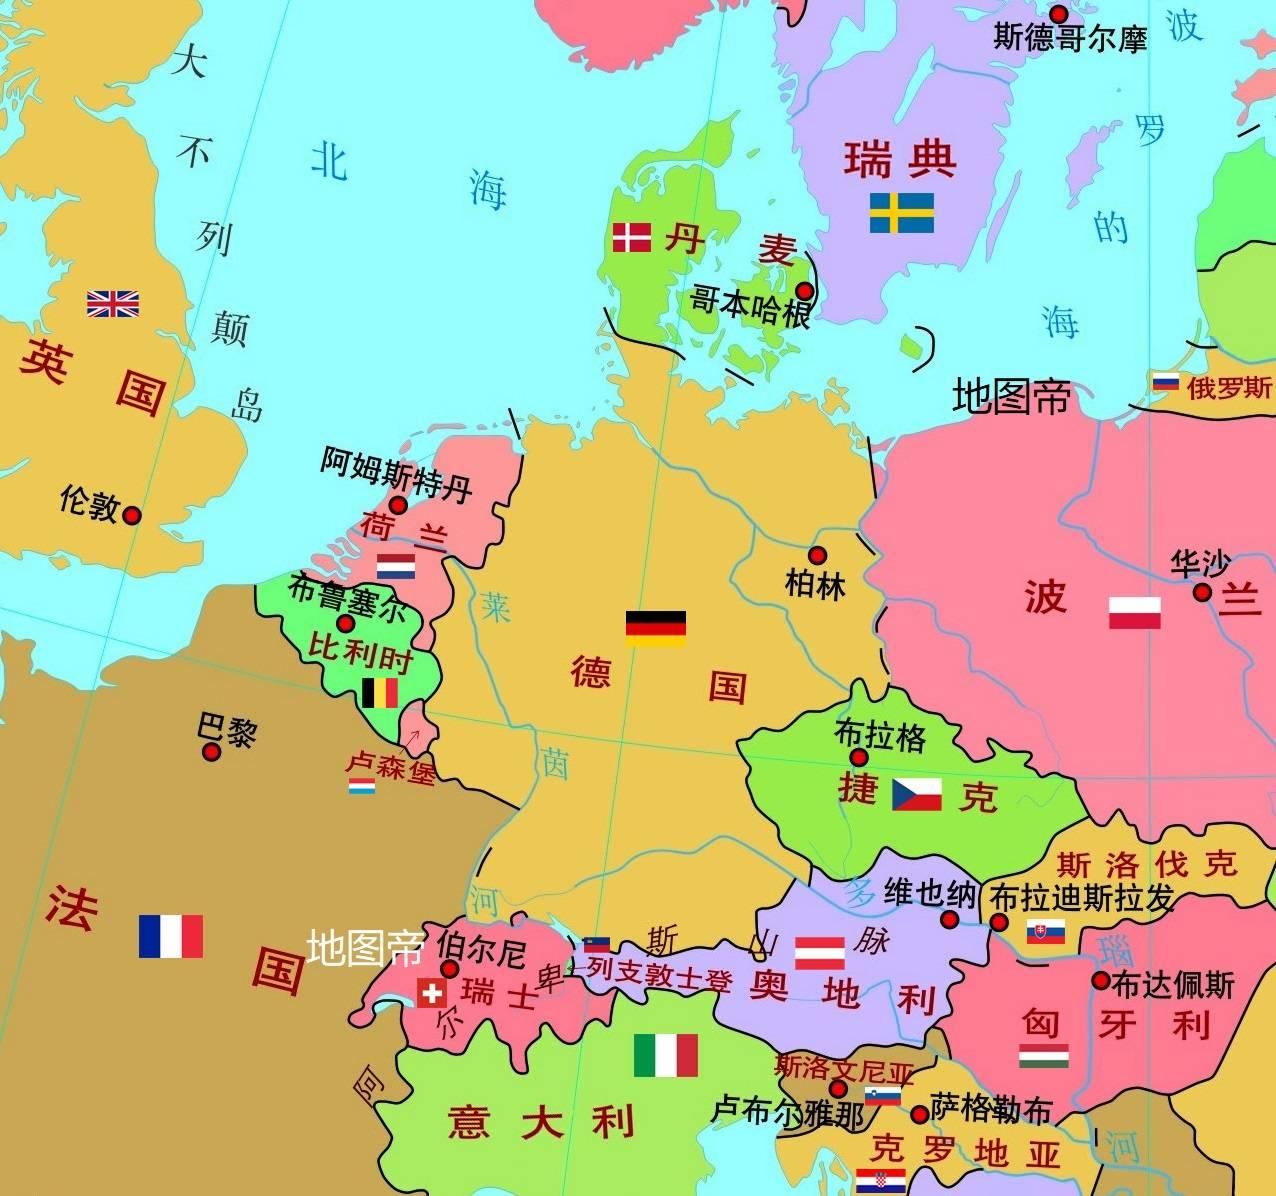 同为战败国,为何德国可以有军队,而日本只有自卫队?